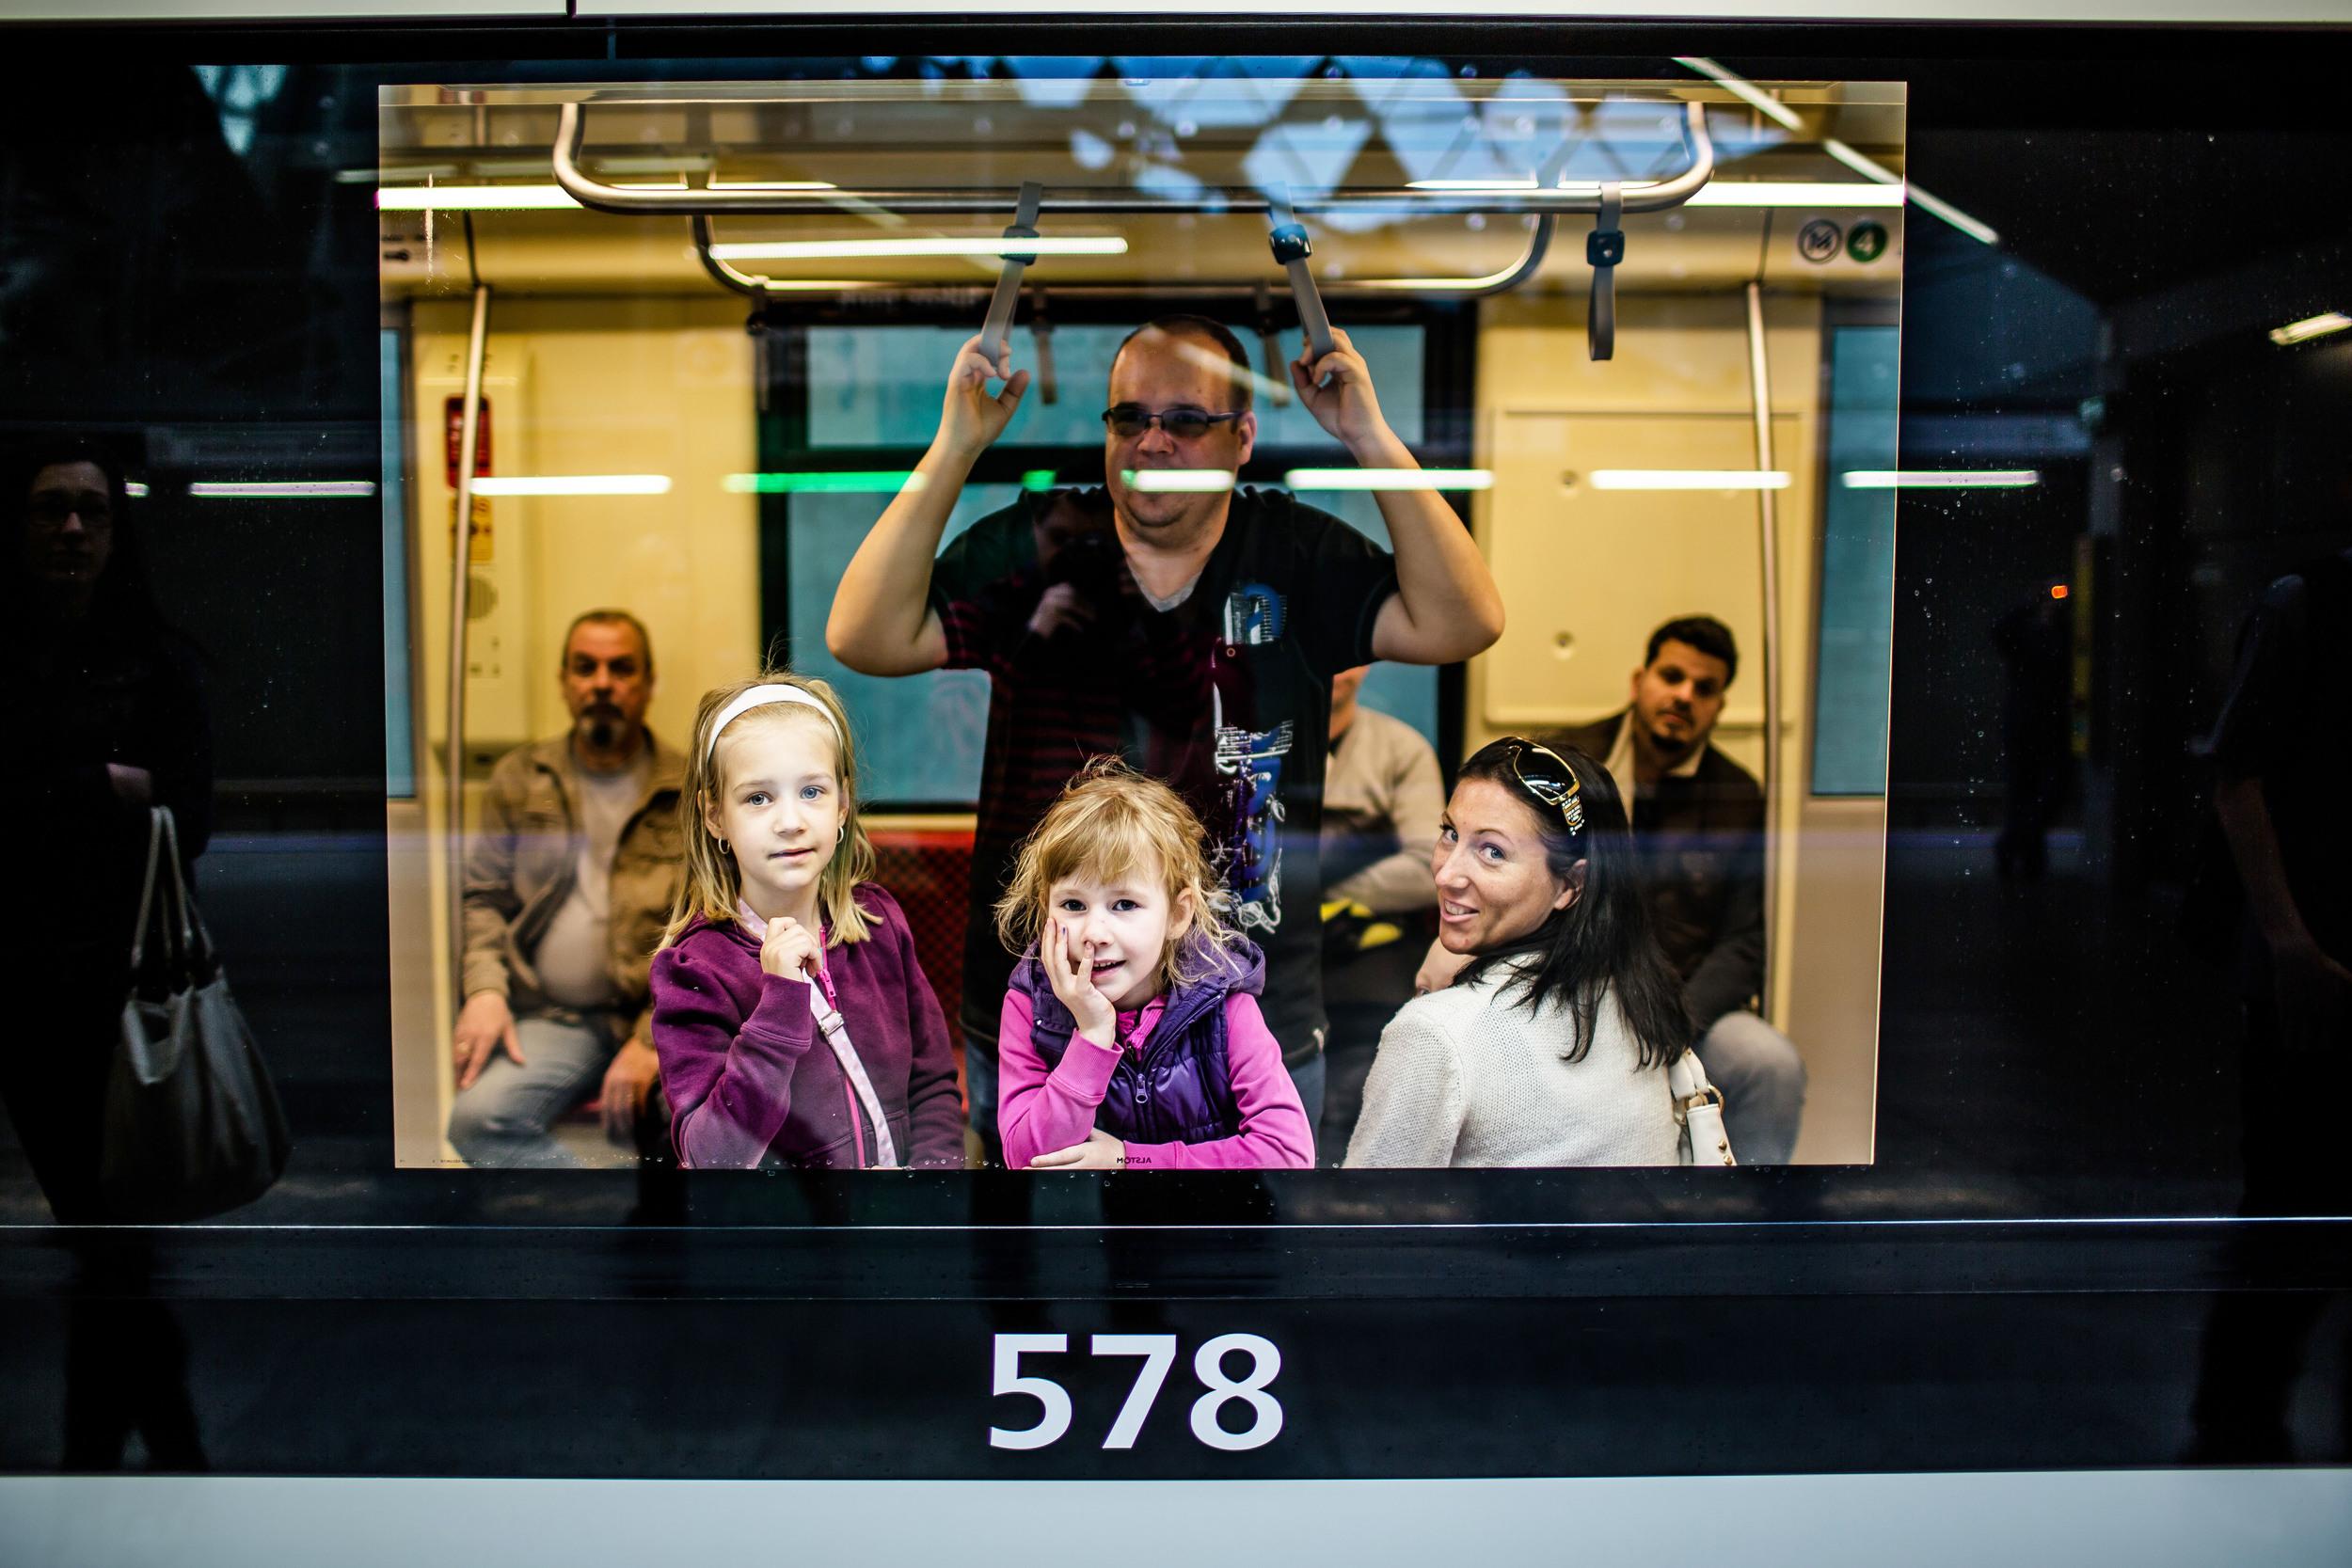 Félmillió utast számolt össze a nyitóhétvégén a BKK a 4-es metrón. Egész hétvégén ingyen lehetett utazni, pótszerelvényeket is szolgálatba kellett állítani.